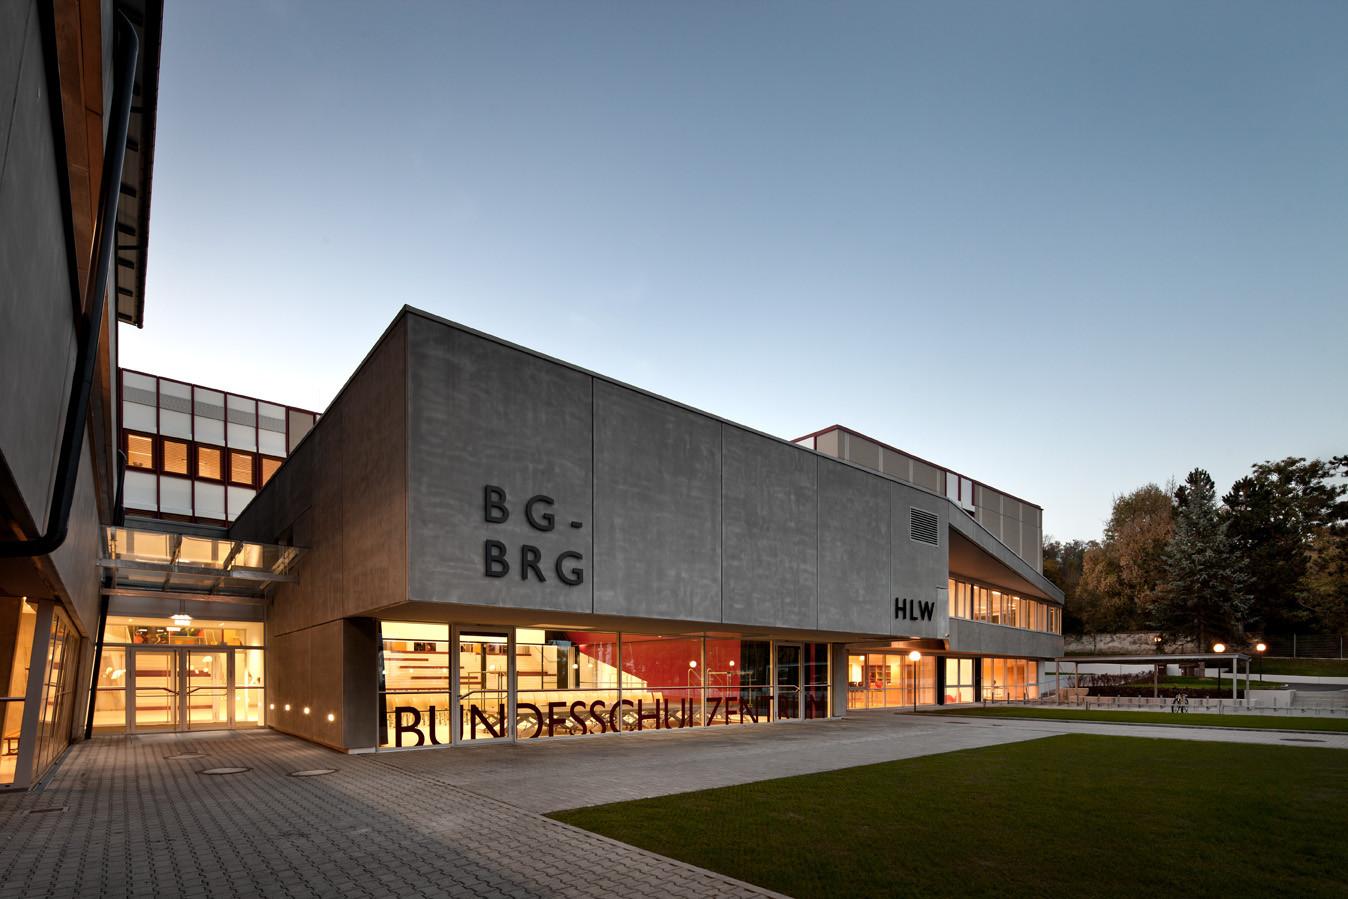 Bundesschulzentrum St. Veit / Spado Architects + halm.kaschnig.wüher architekten, © Kurt Kuball